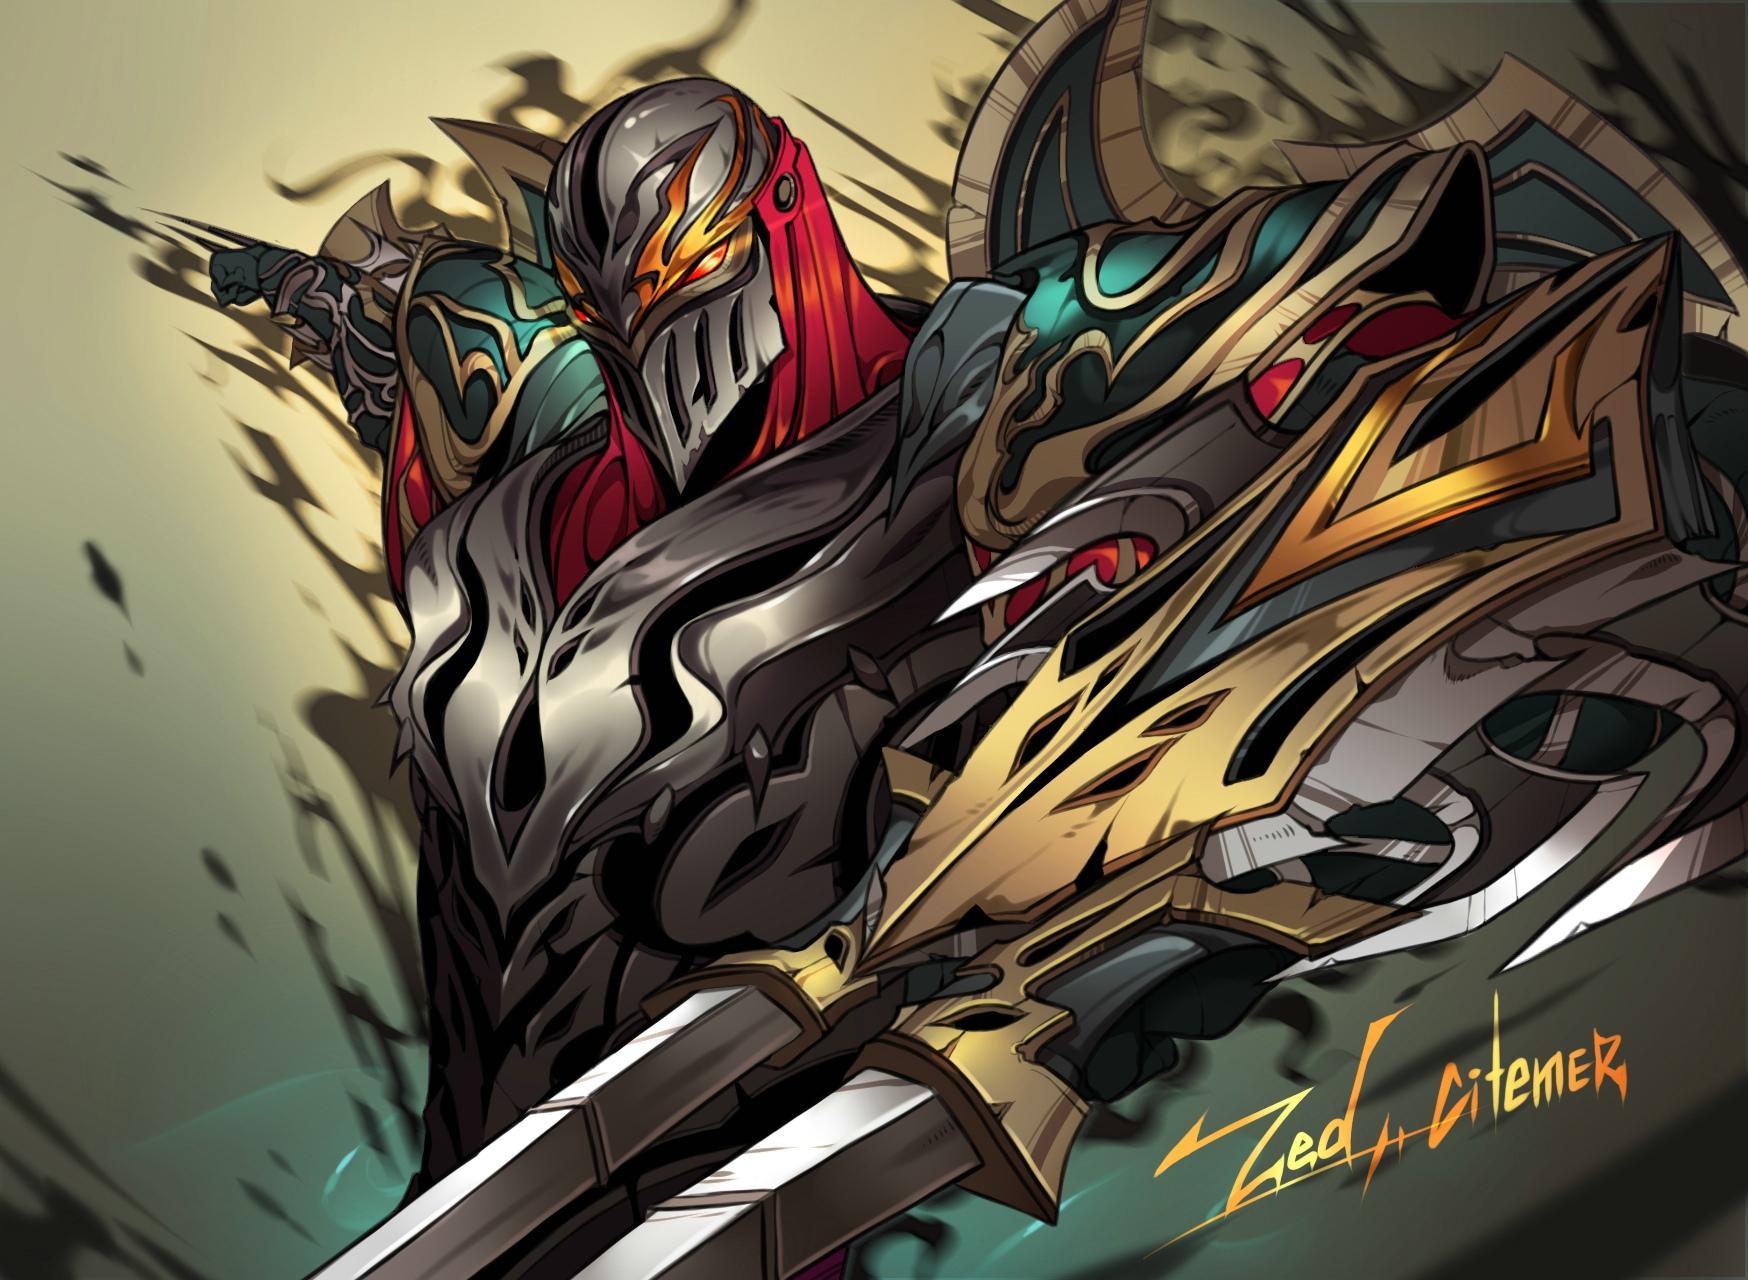 LMHT: Hướng dẫn chơi Zed - Chúa Tể Bóng Tối để trở thành bá chủ đường giữa